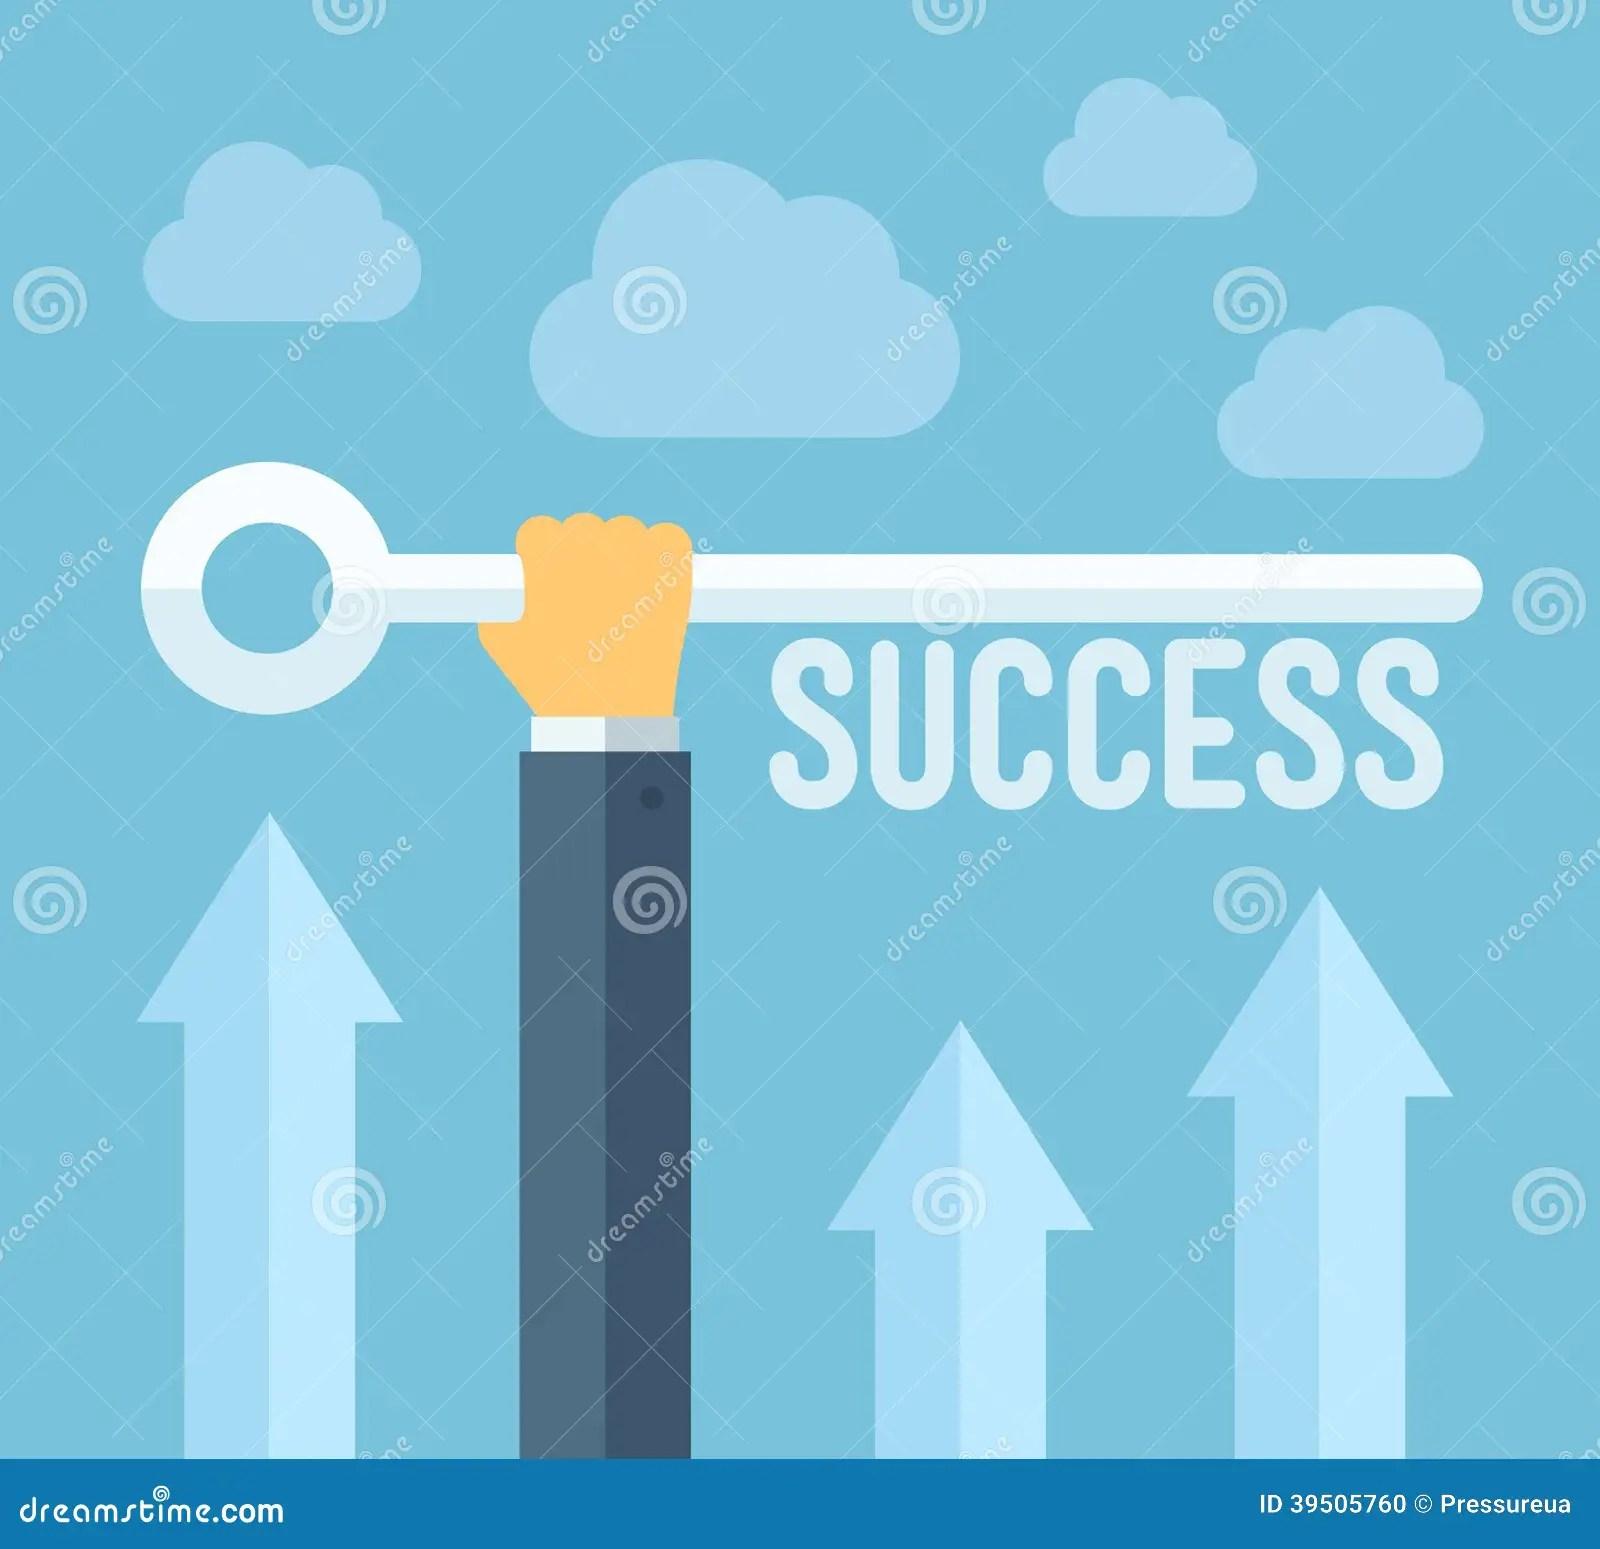 Top Self Improvement Goals